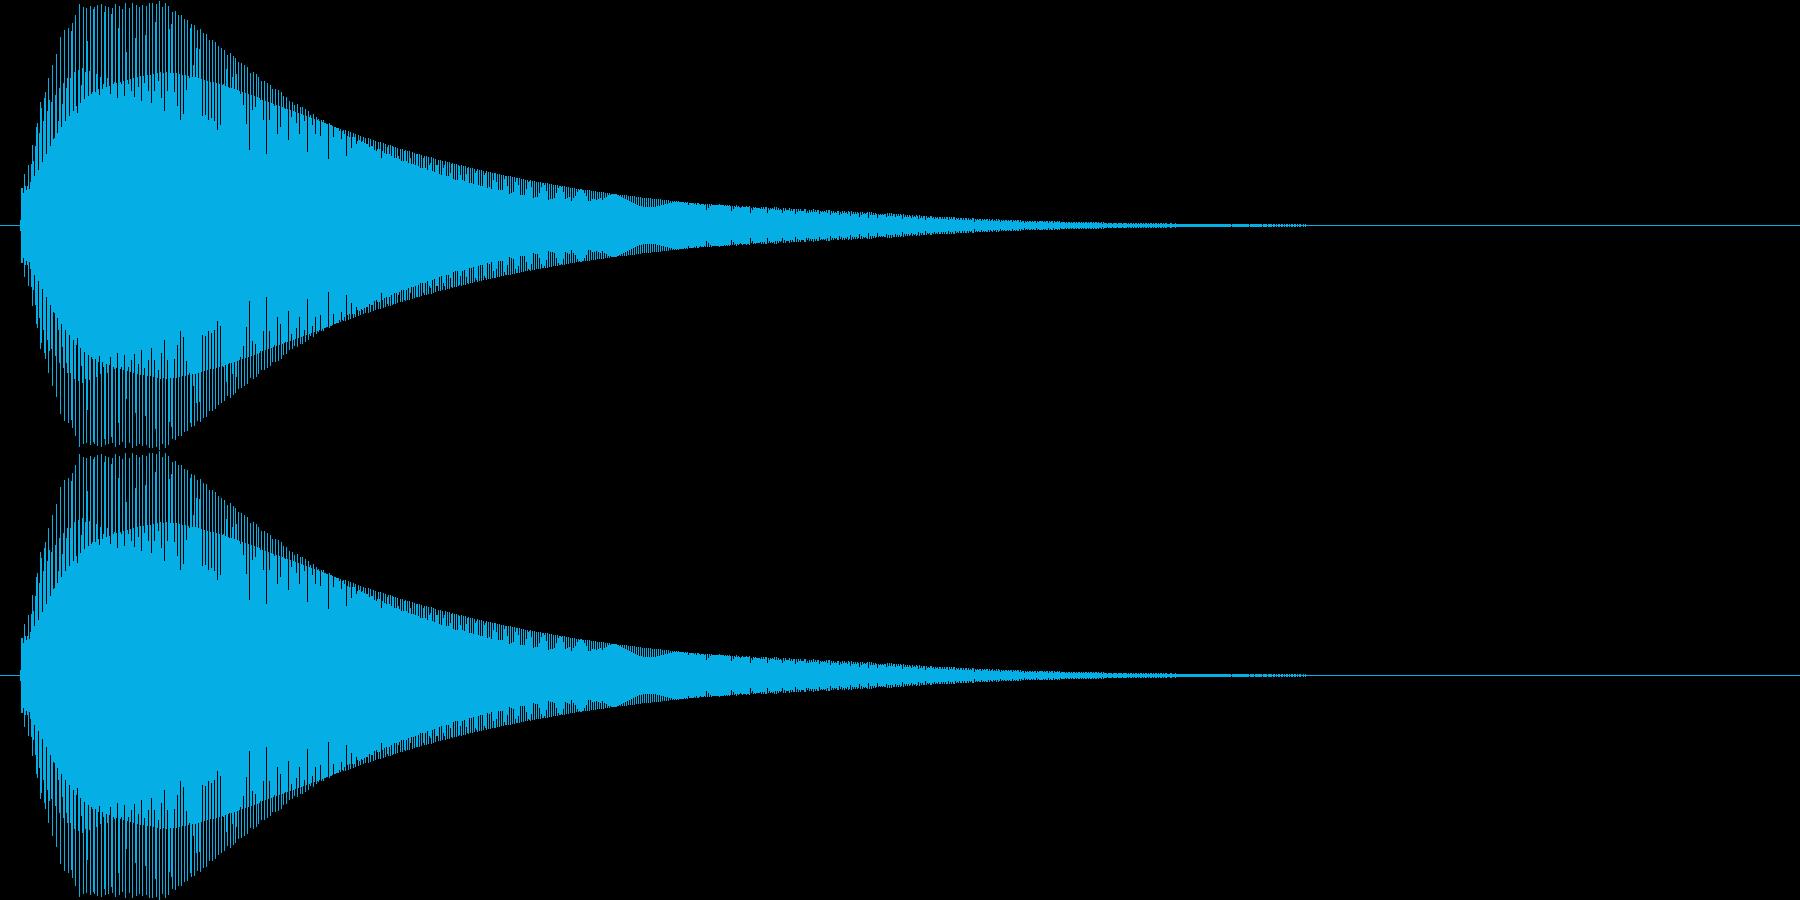 【ピヨーン】ファミコン系ジャンプ音_05の再生済みの波形